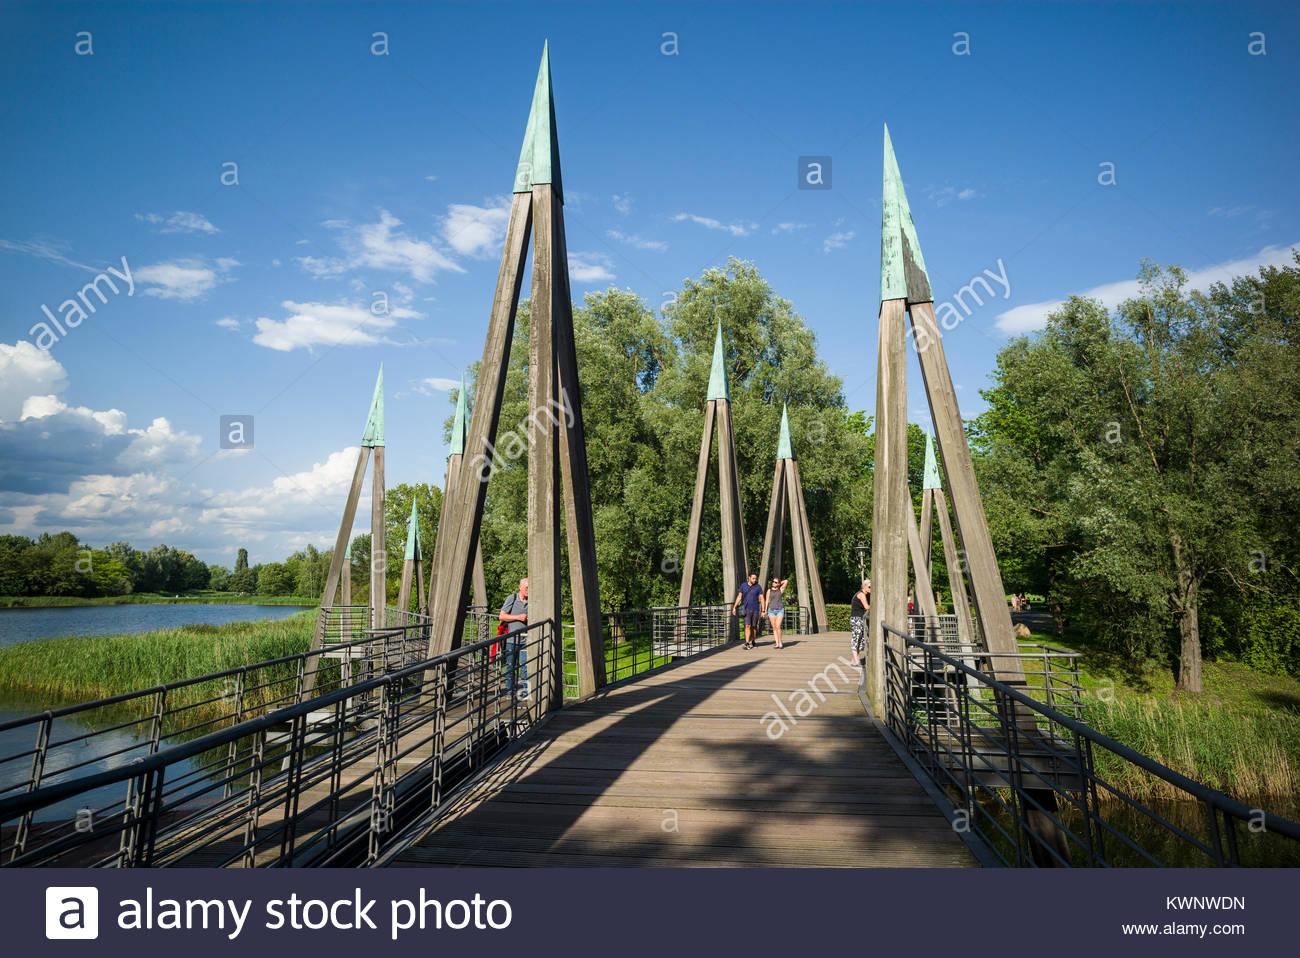 Berlin Britzer Garten Genial Bridge In Park In Berlin Stock S & Bridge In Park In